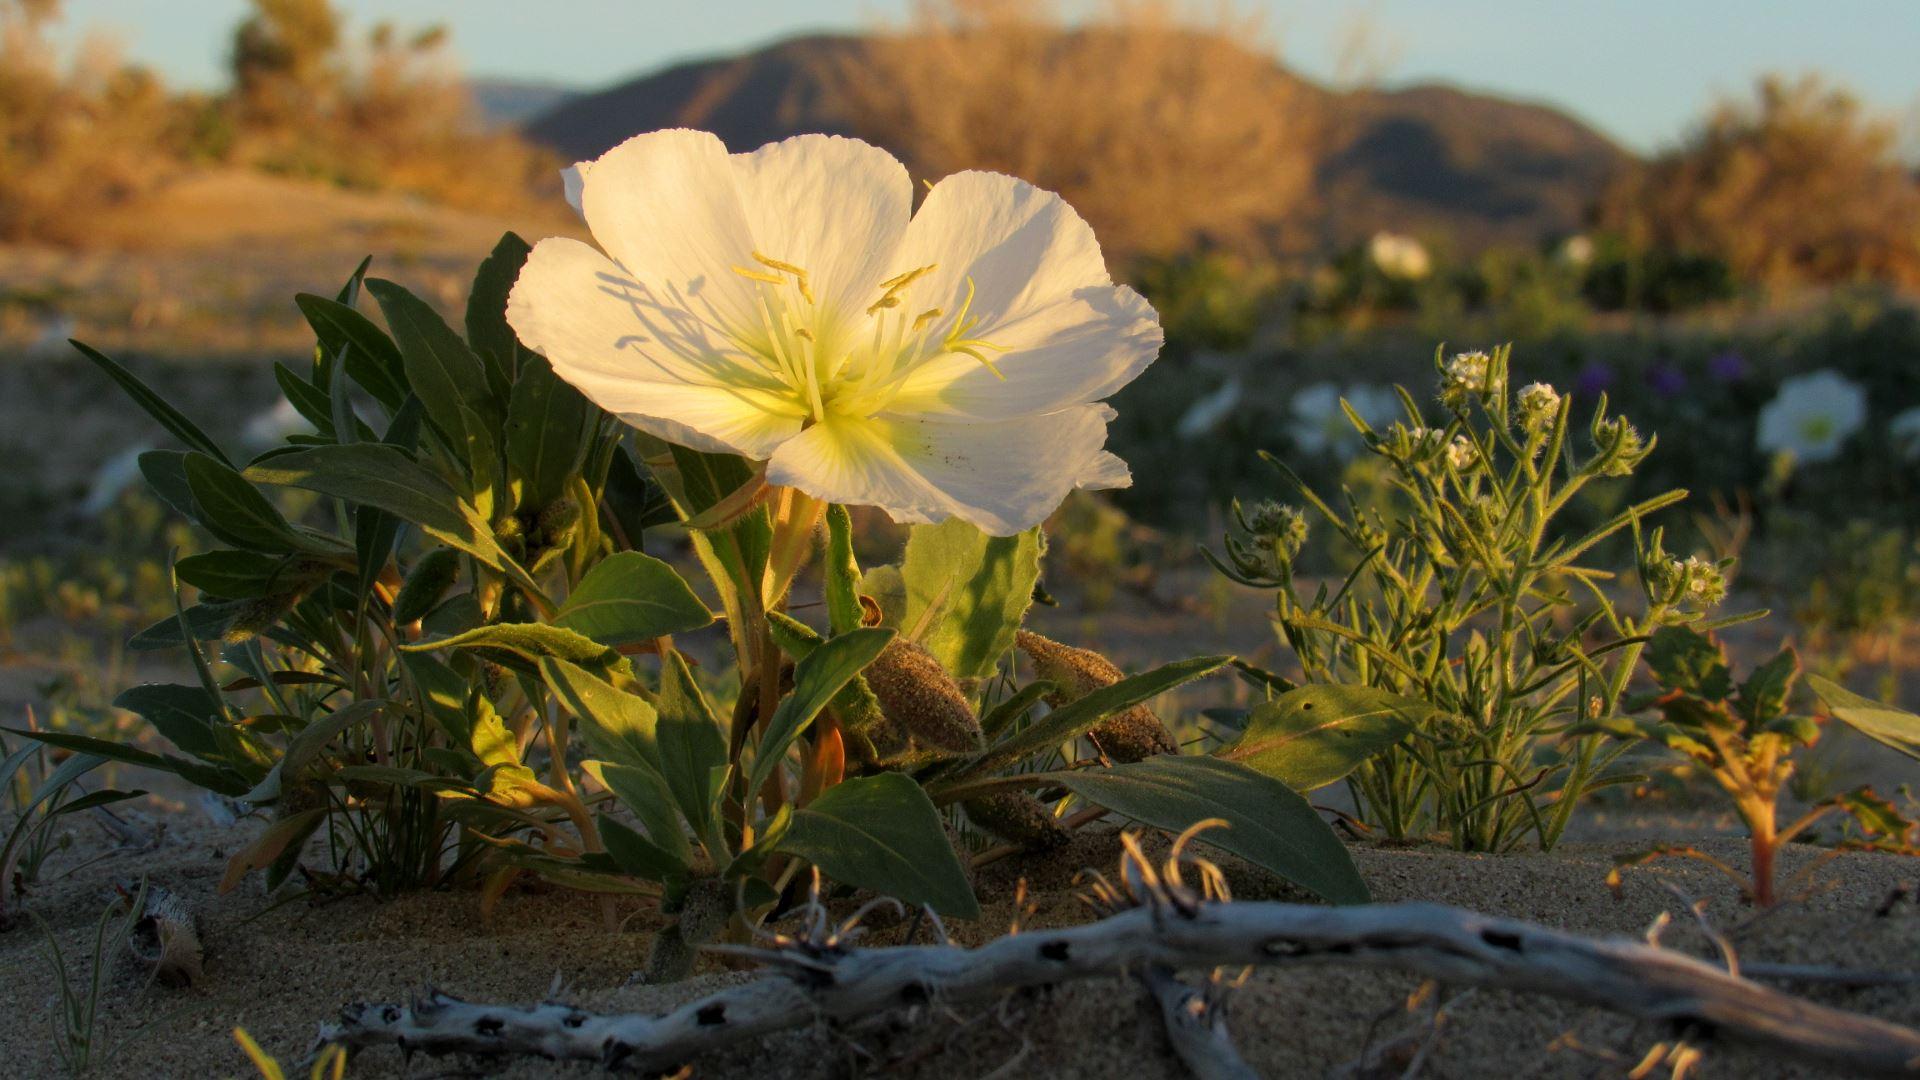 Anza Borrego Henderson Canyon Wildflower Super Bloom Photos Of The Anza Borrego Desert